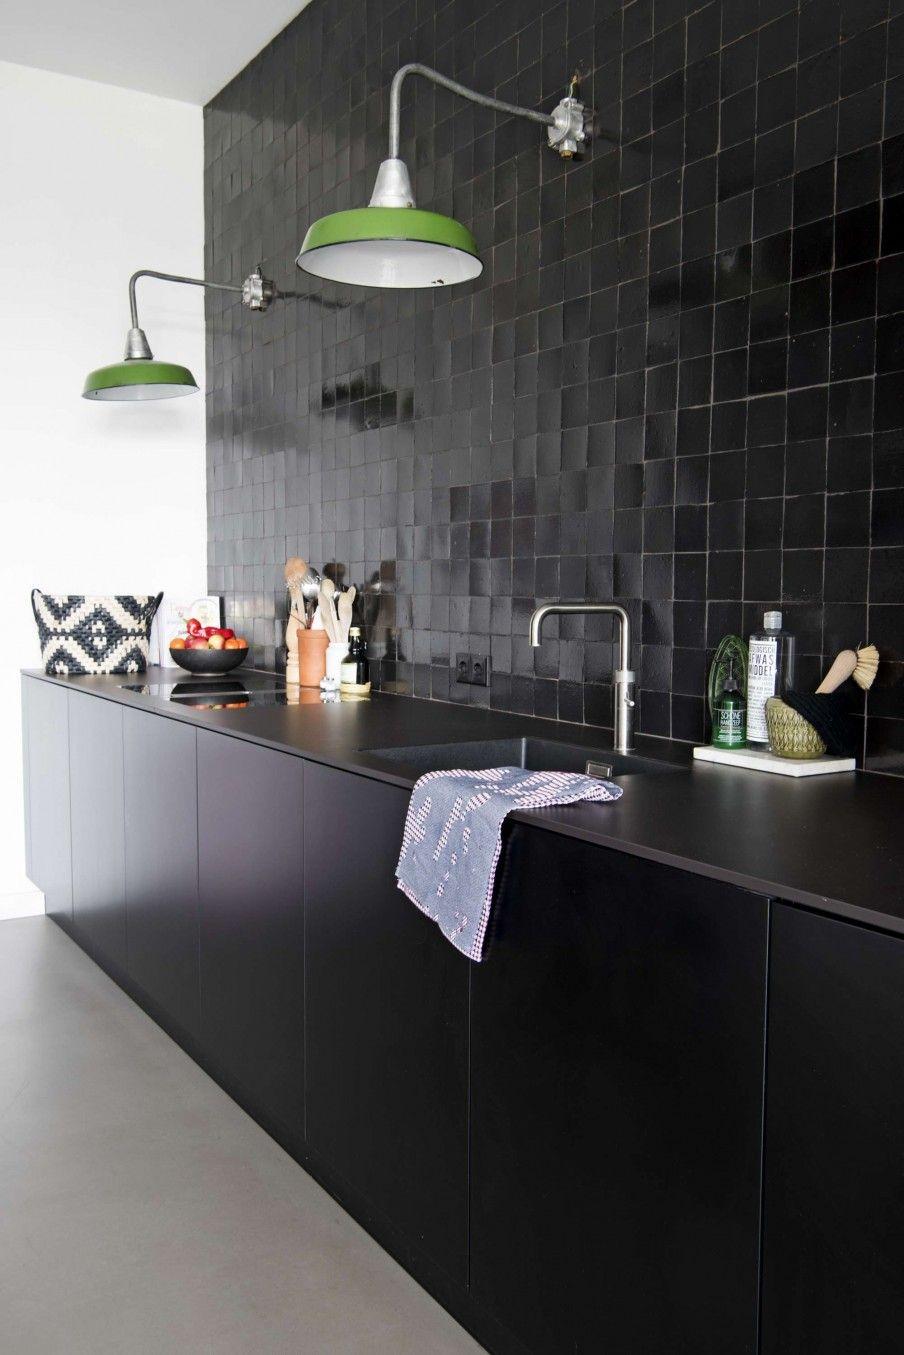 Iets Nieuws Zwarte keuken met zwarte tegeltjes en groene vintage lampen @WO06